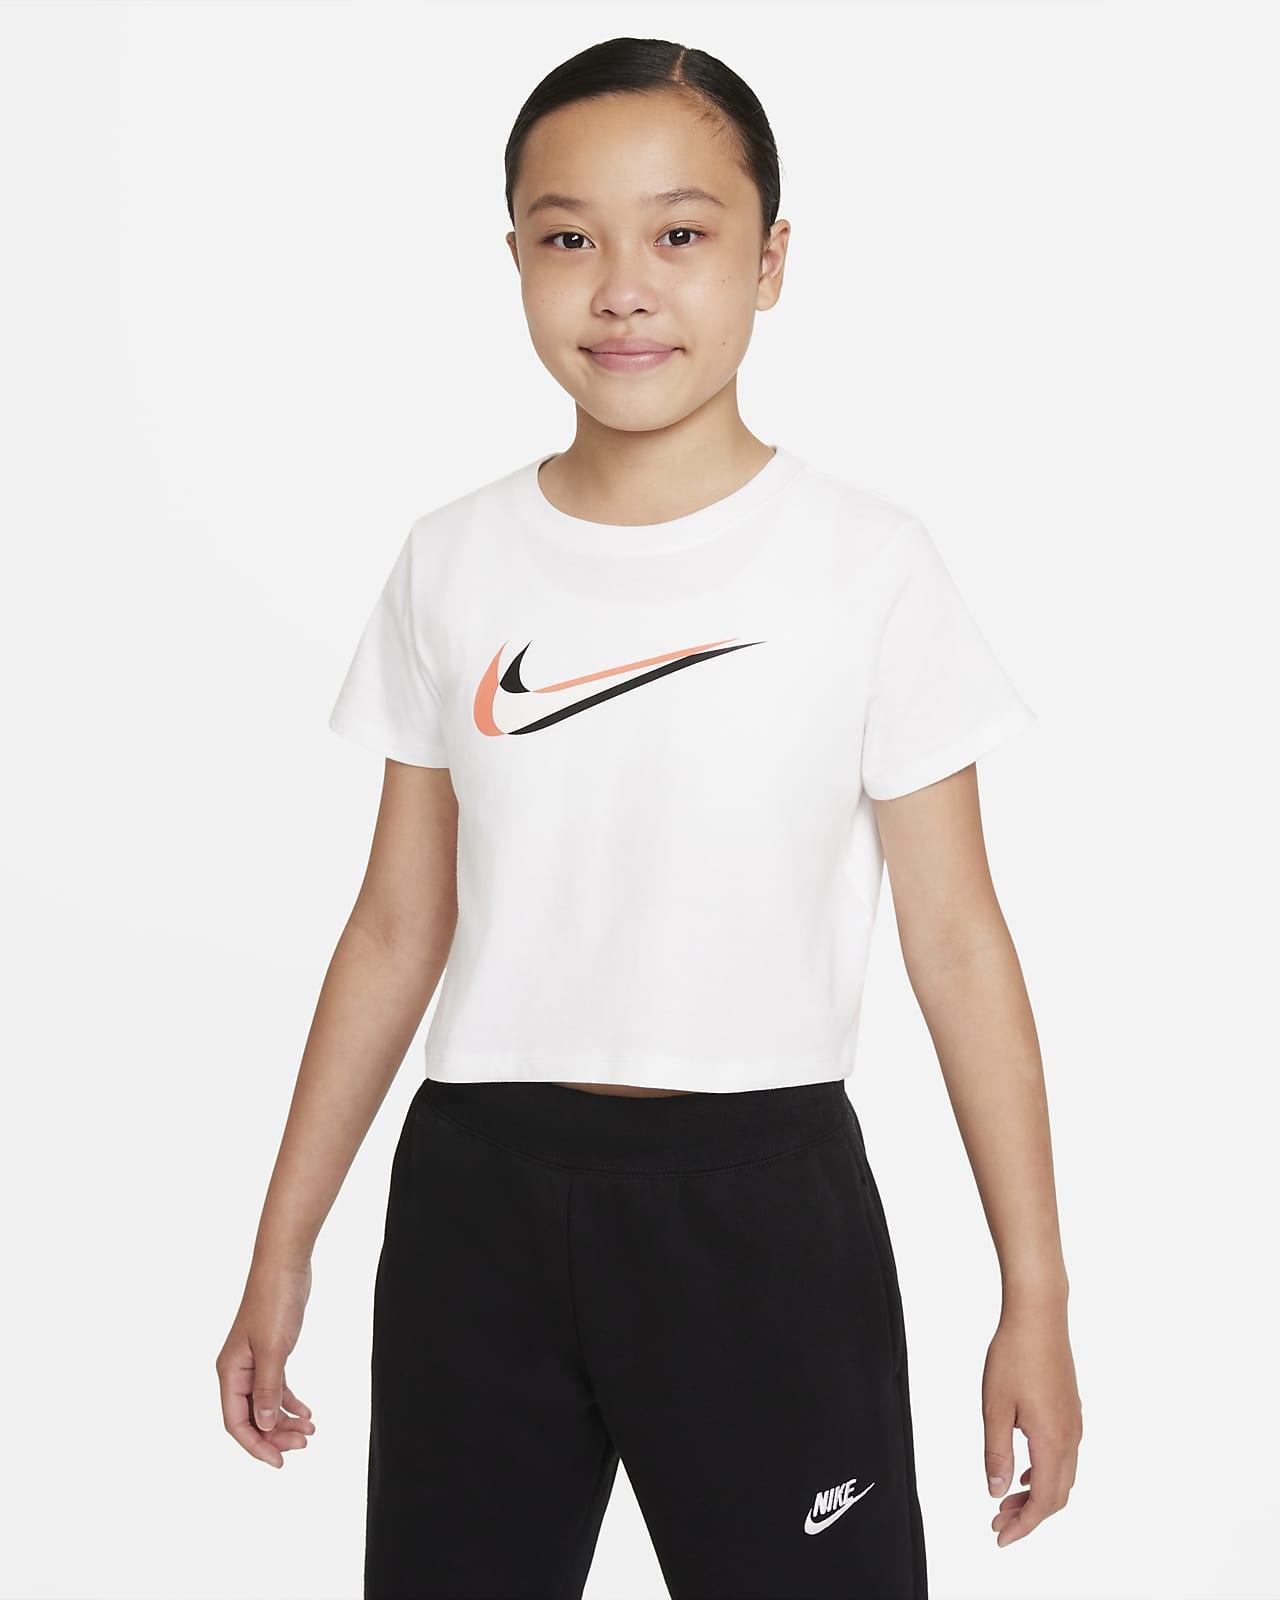 Nike Sportswear verkürztes Tanz-T-Shirt für ältere Kinder (Mädchen)